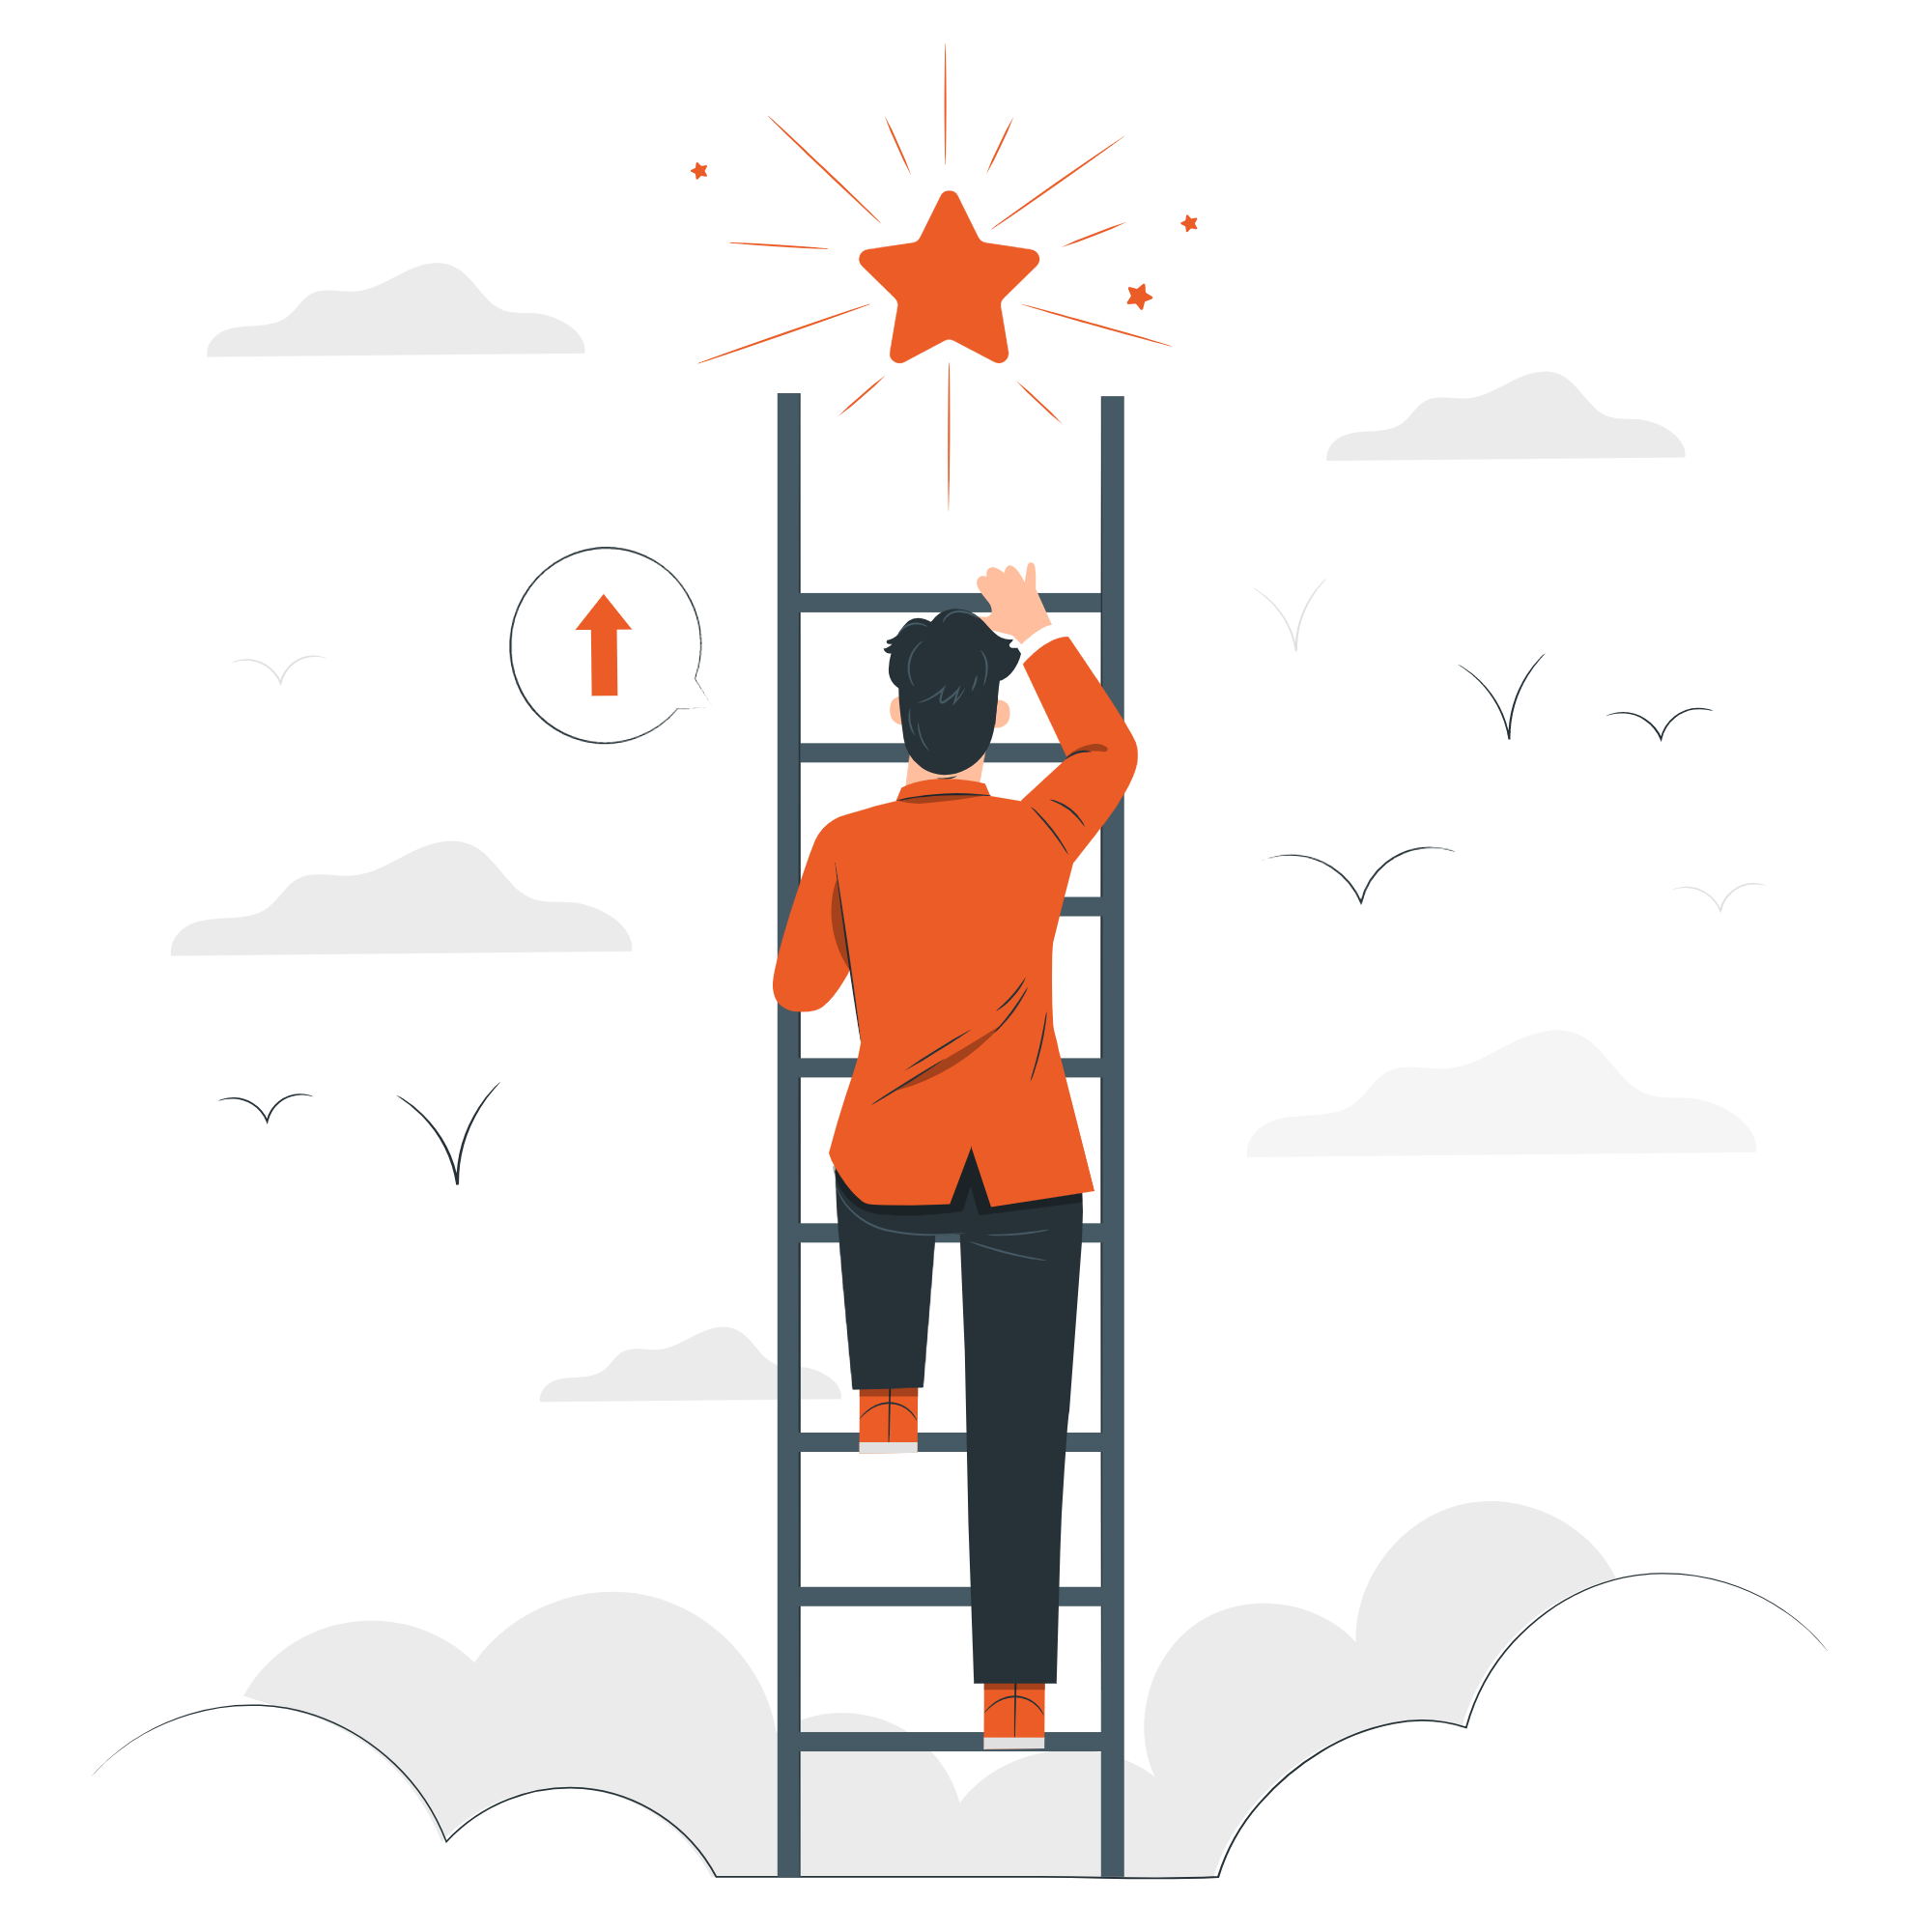 Définissez votre plan d'actions pour atteindre vos objectifs personnels avec la Méthode OPR